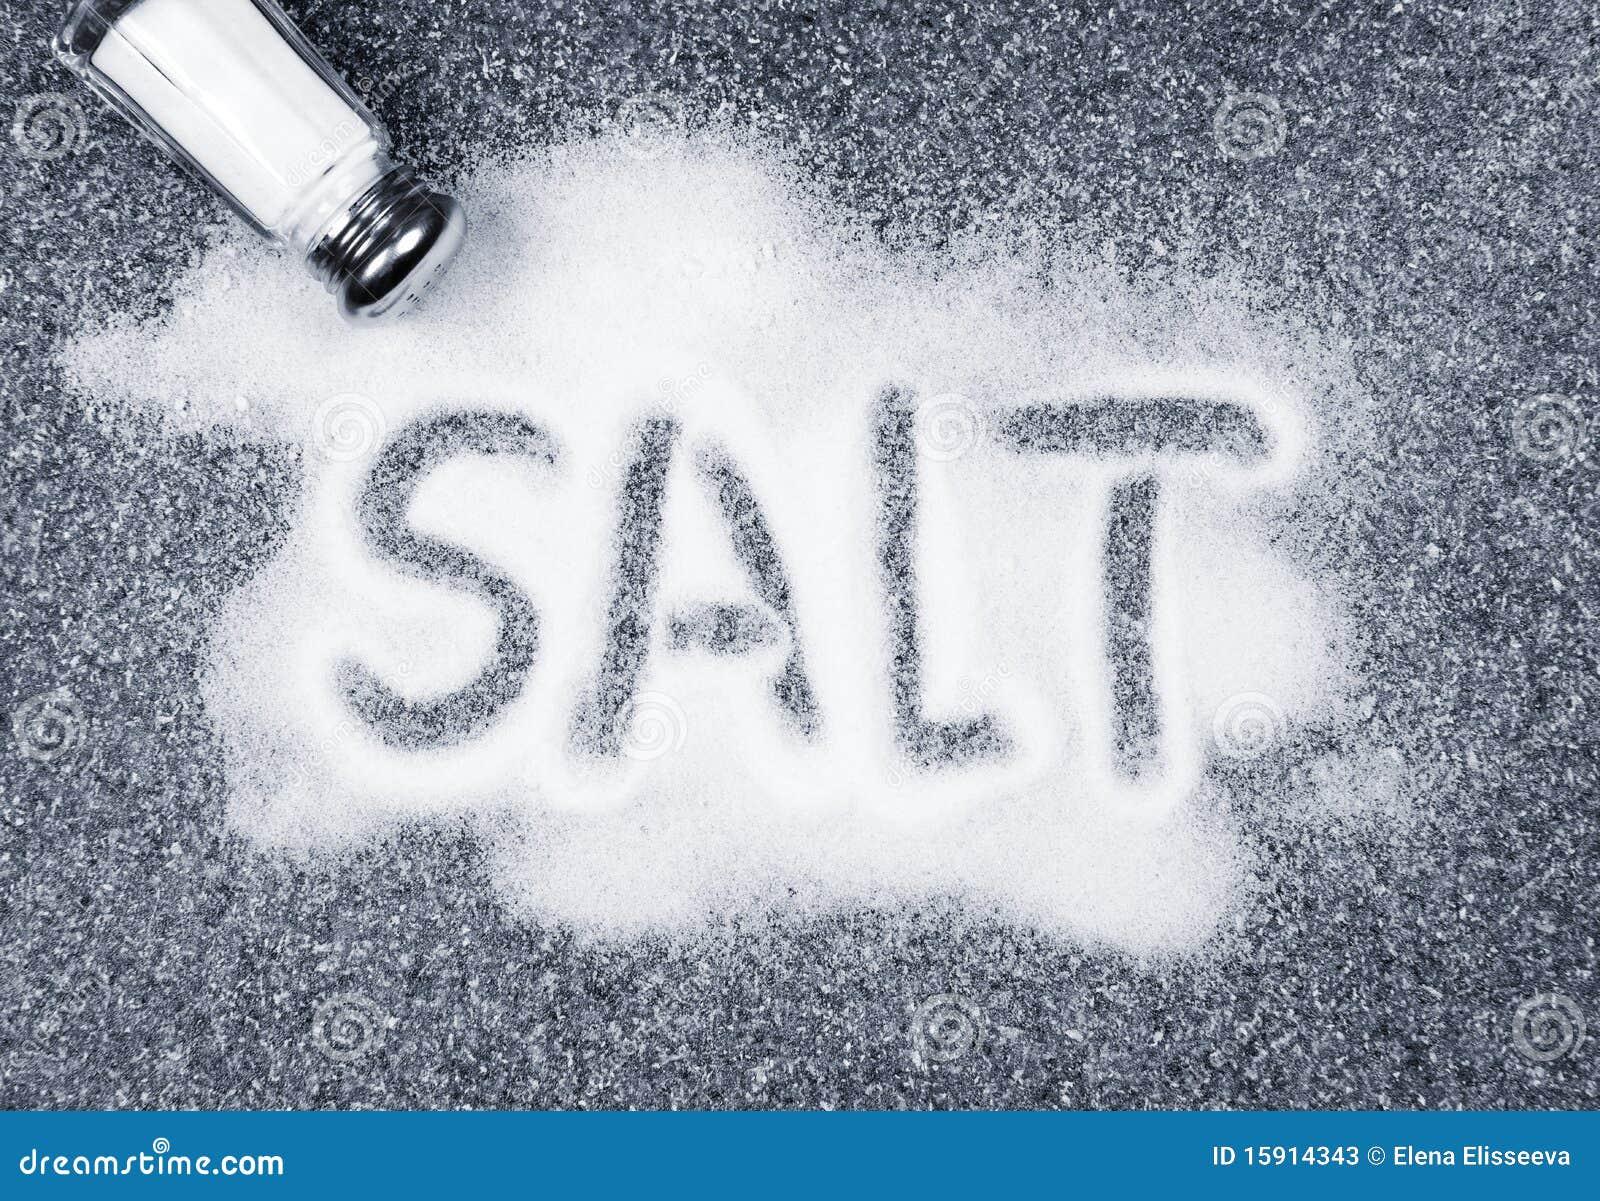 Salt spilled from shaker